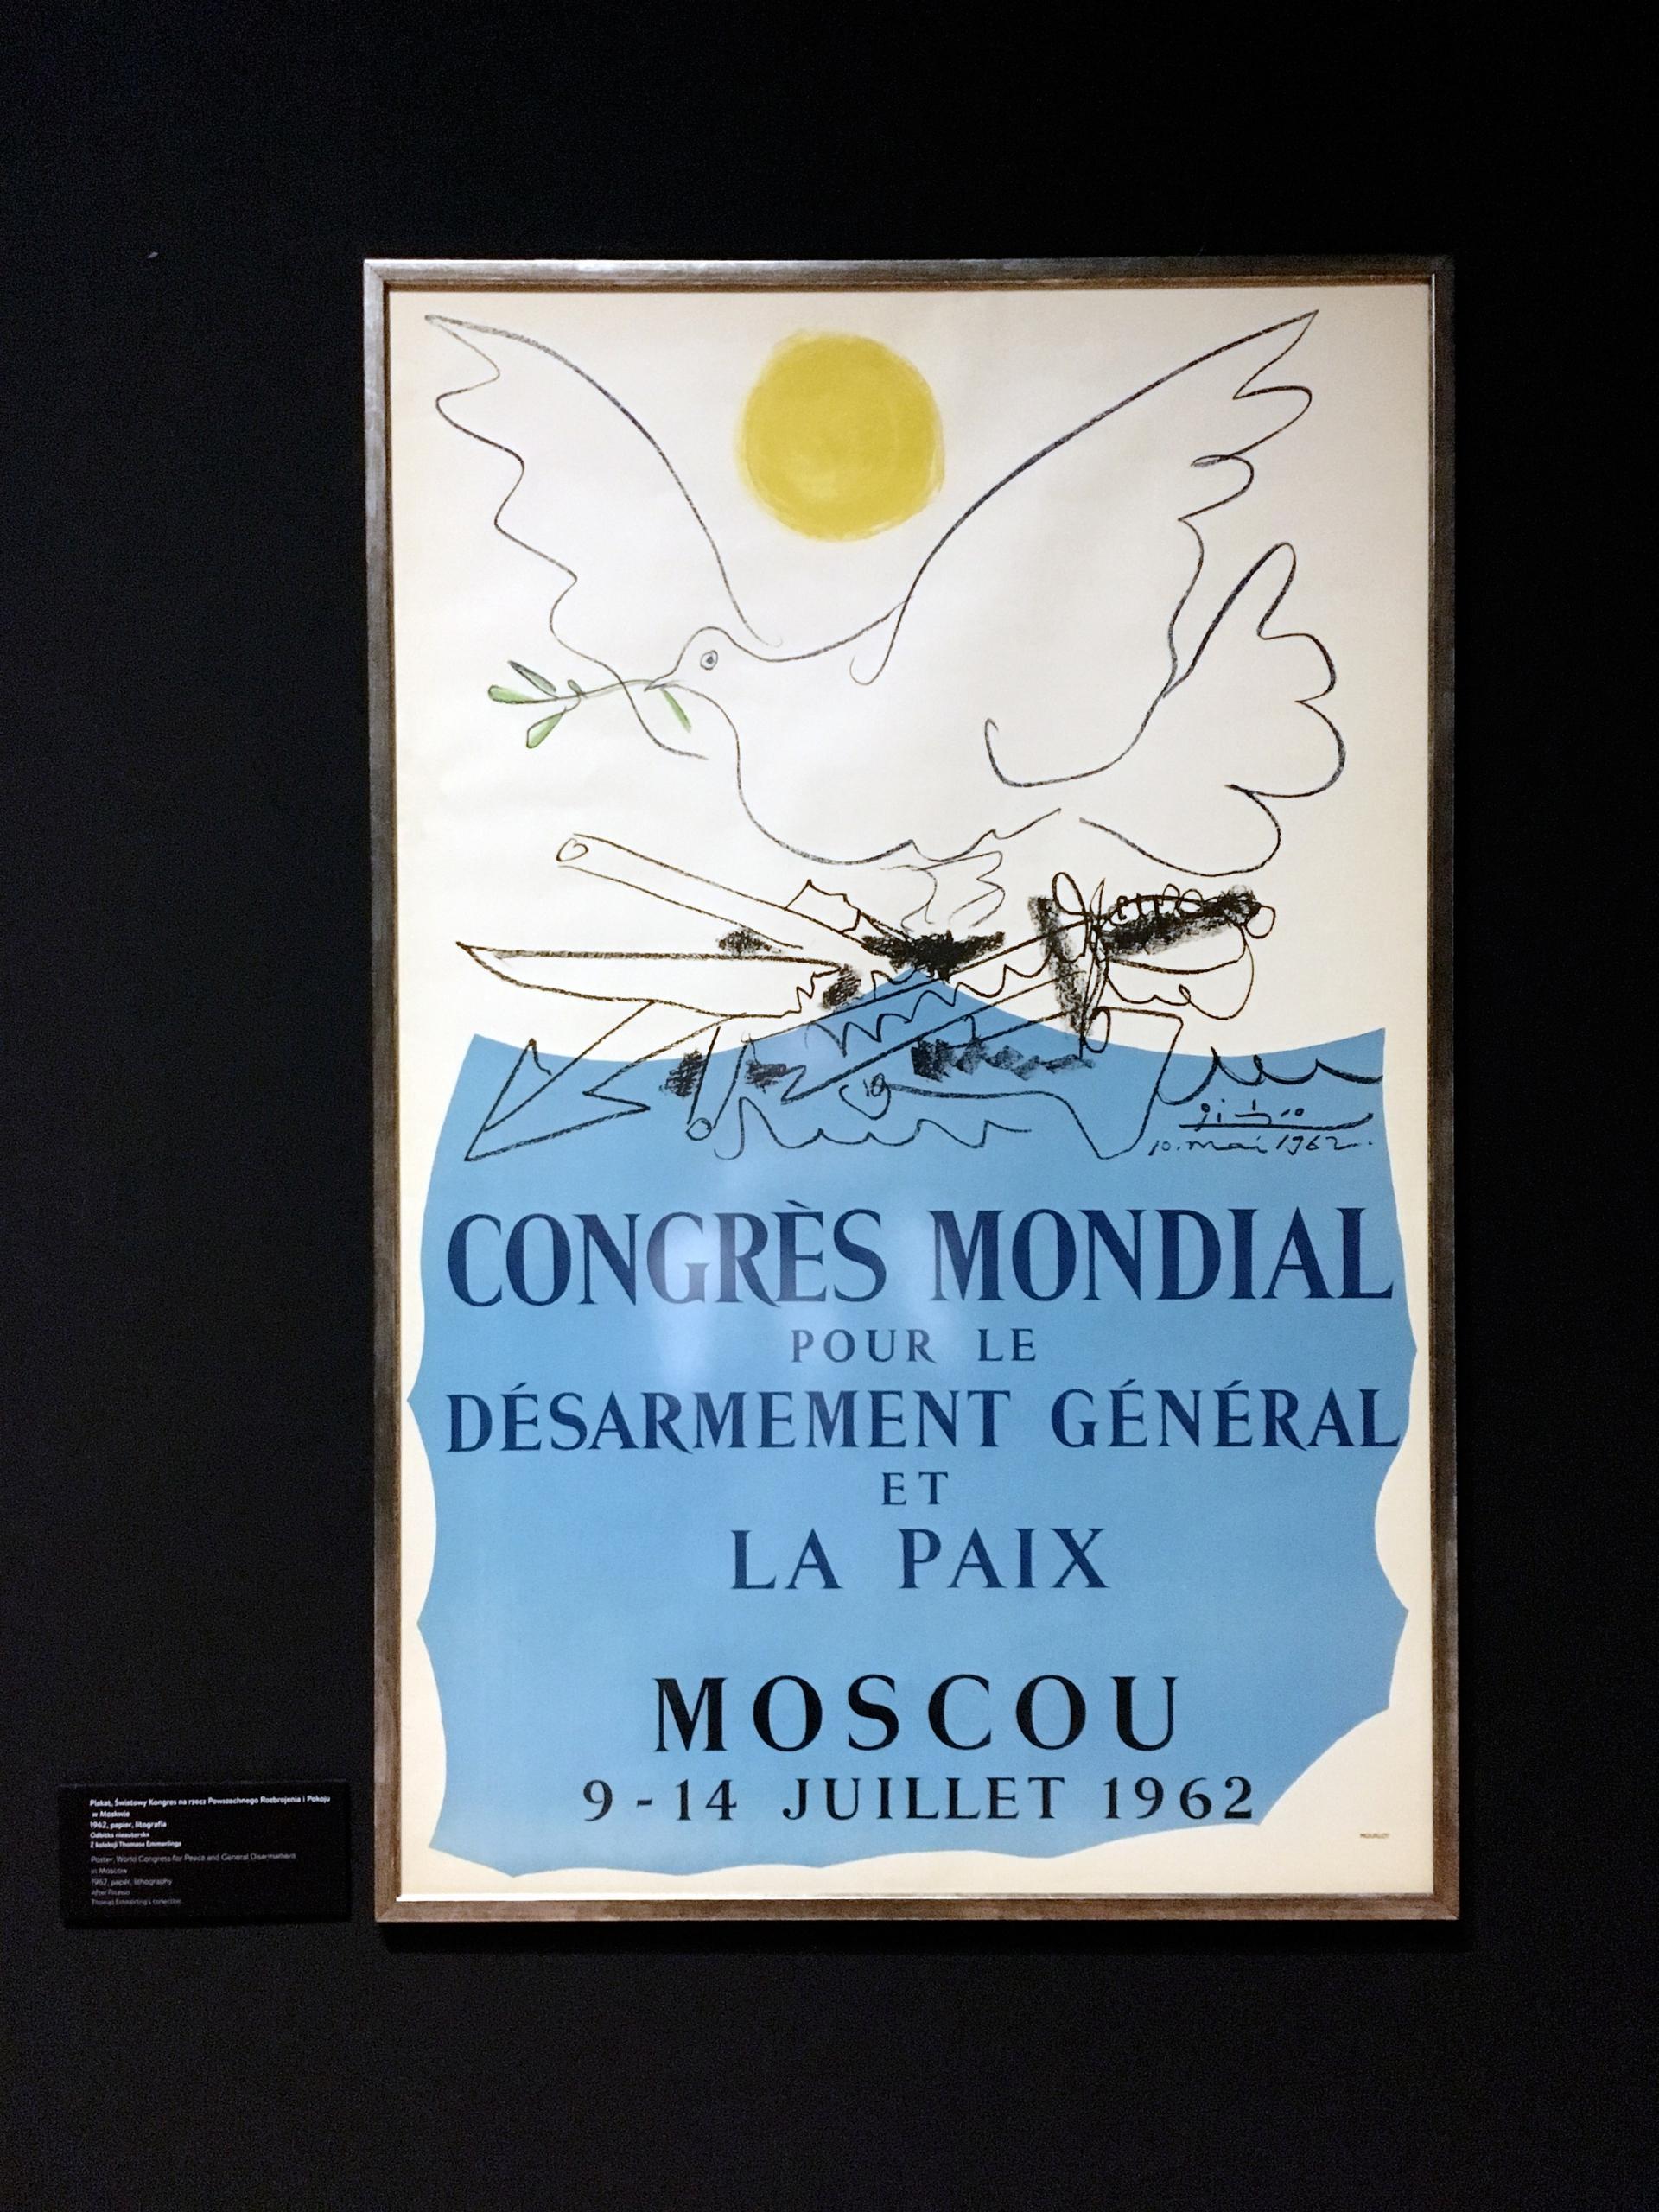 Zdjęcie przedstawia plakat powieszony na czarnej ścianie. Plakat przedstawia gołębia, widzimy kolor niebieski i żółty akcent.